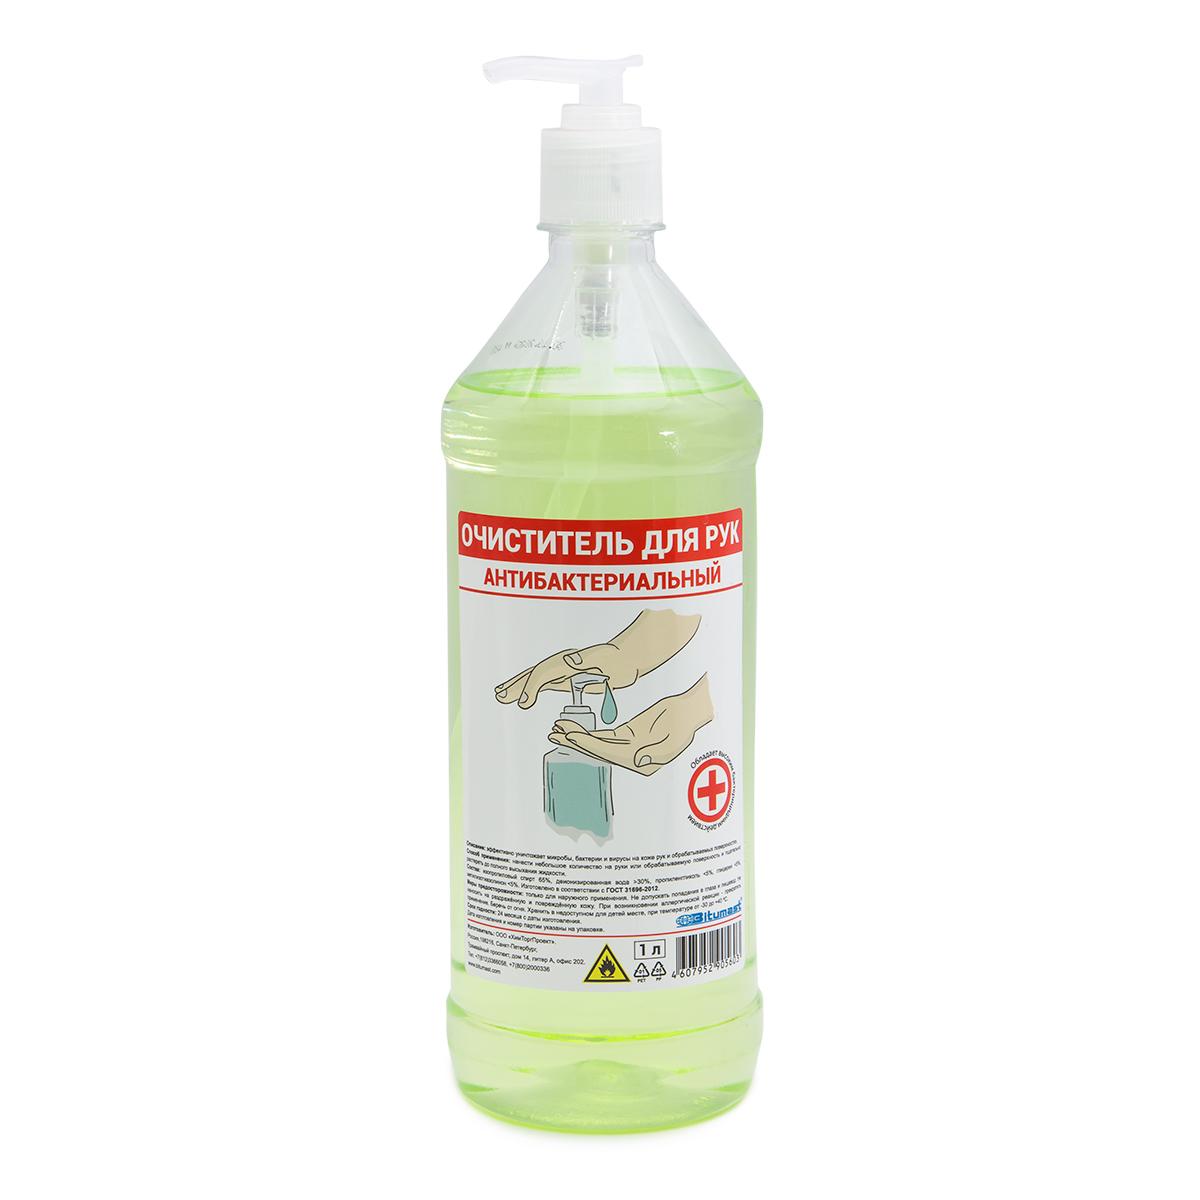 BITUMAST Очиститель для рук антибактериальный 1л с дозатором (белым)